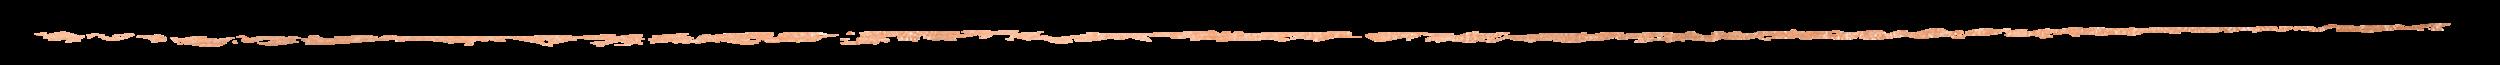 5_rosegold-line.png